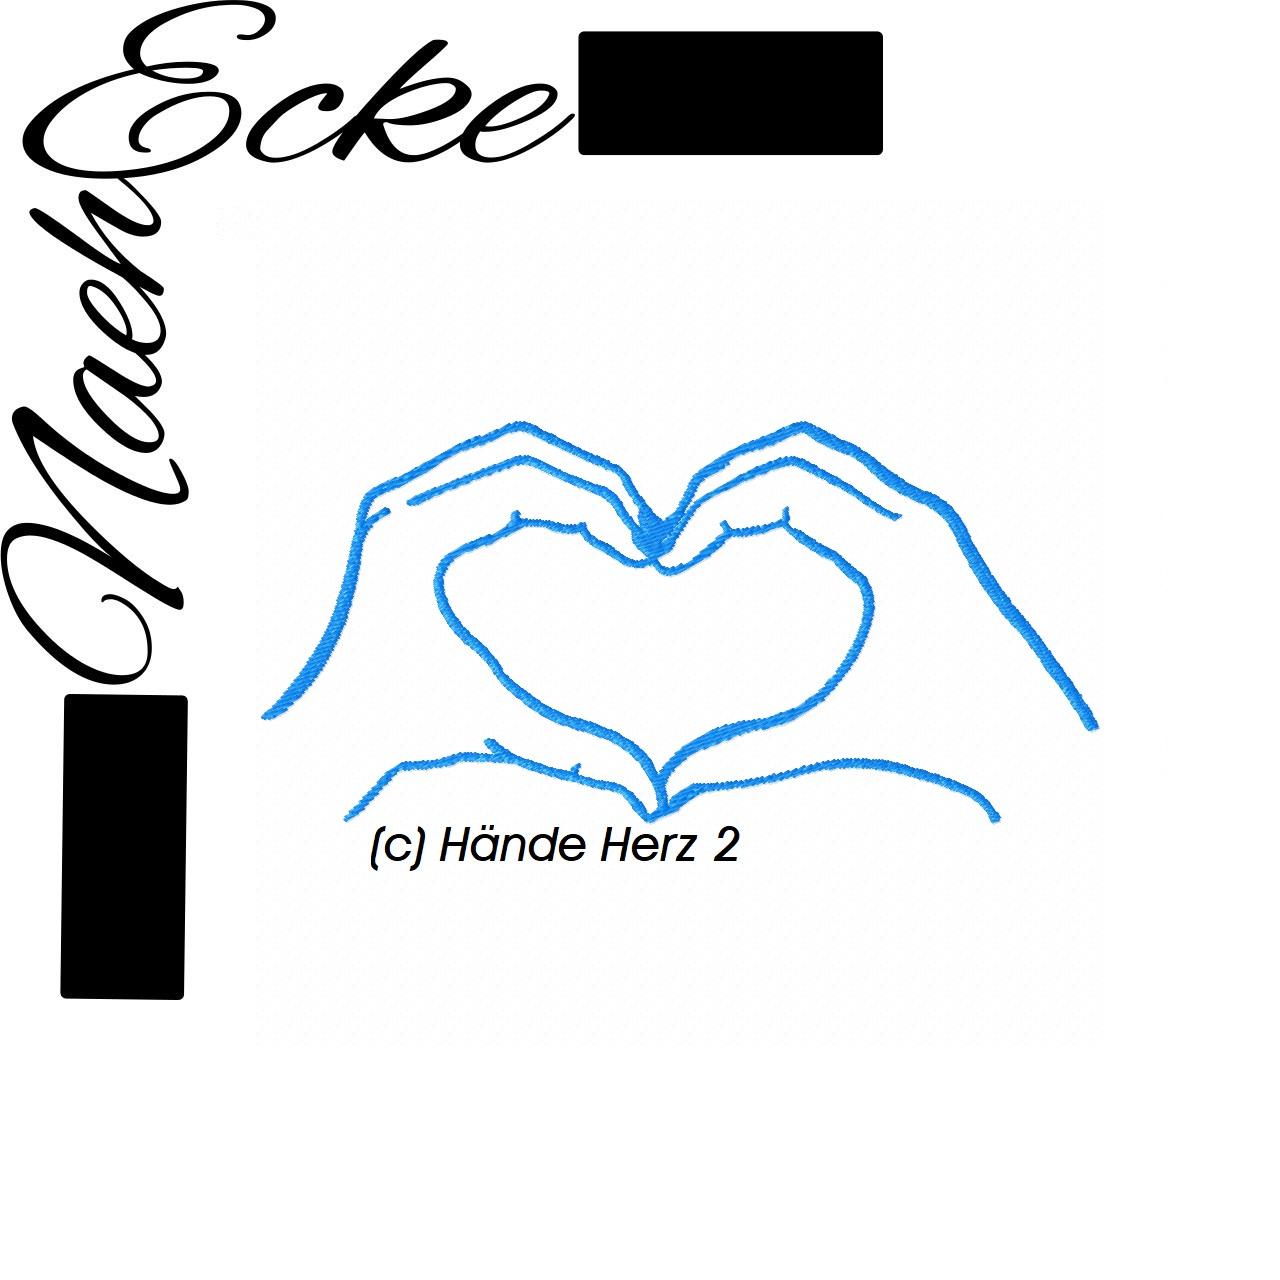 Hand Herz 2